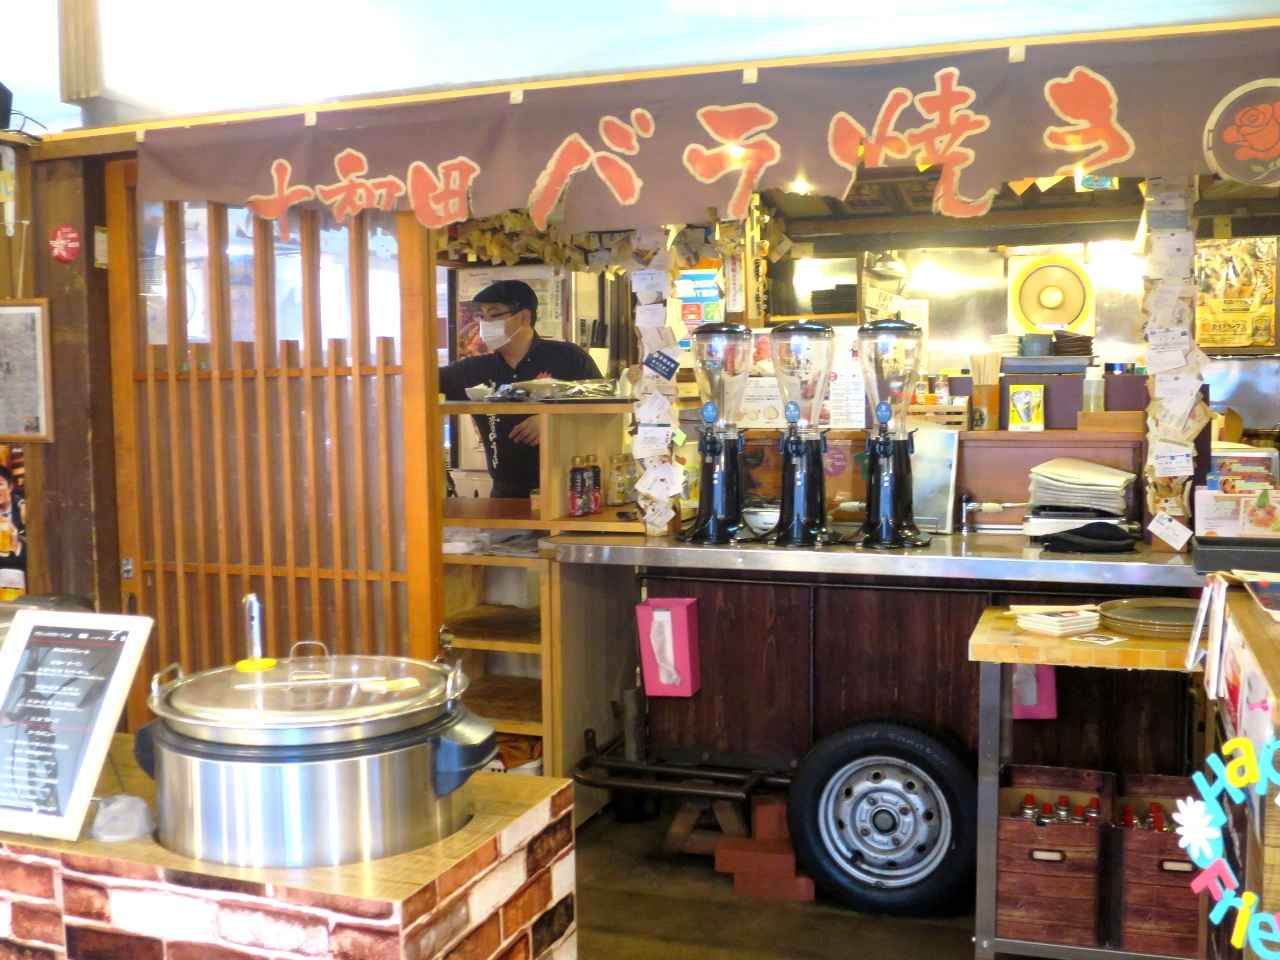 画像: 屋台発祥つながりで屋台文化の福岡・中洲川端の「司」さんを訪問し、頂いた本物屋台